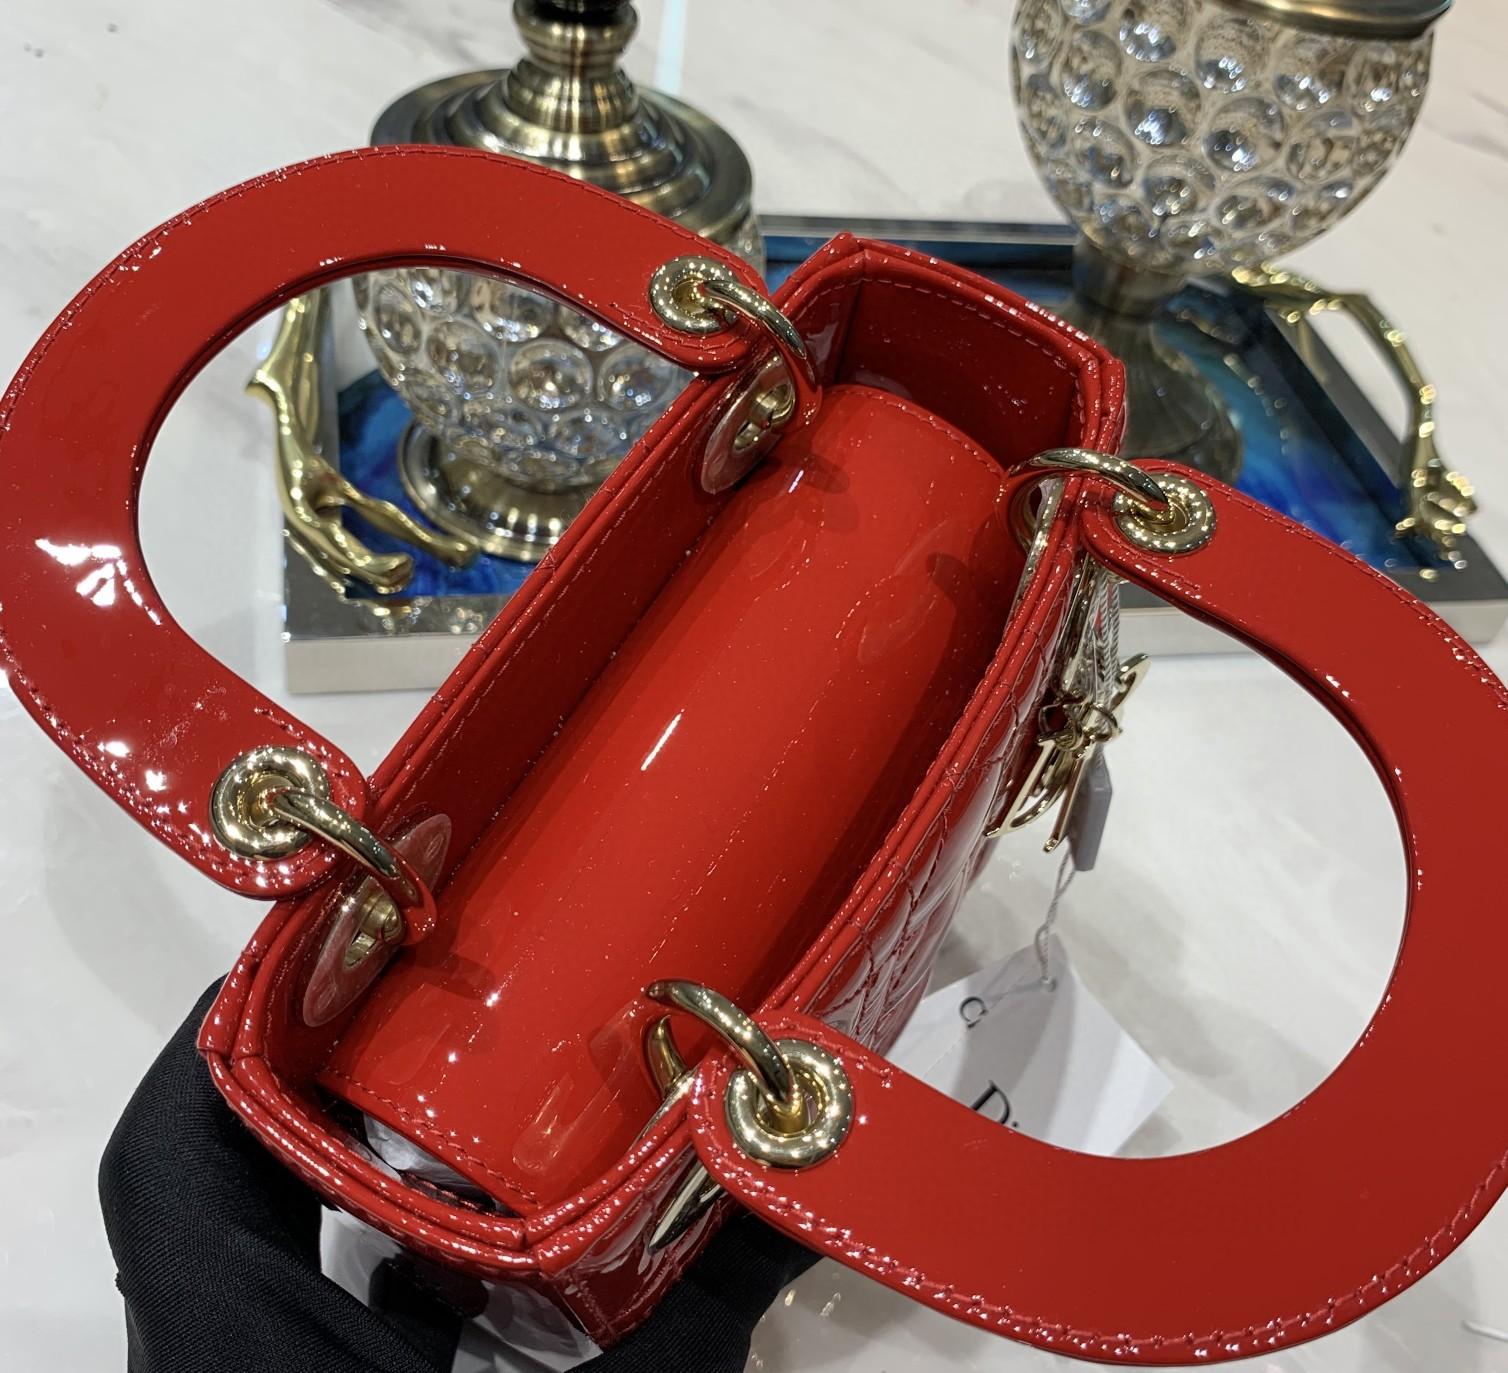 Lady 三格漆皮大红色金扣 Z柜最新出的大红 介于波尔多酒红和法拉利大红之间 实物超美 17cm